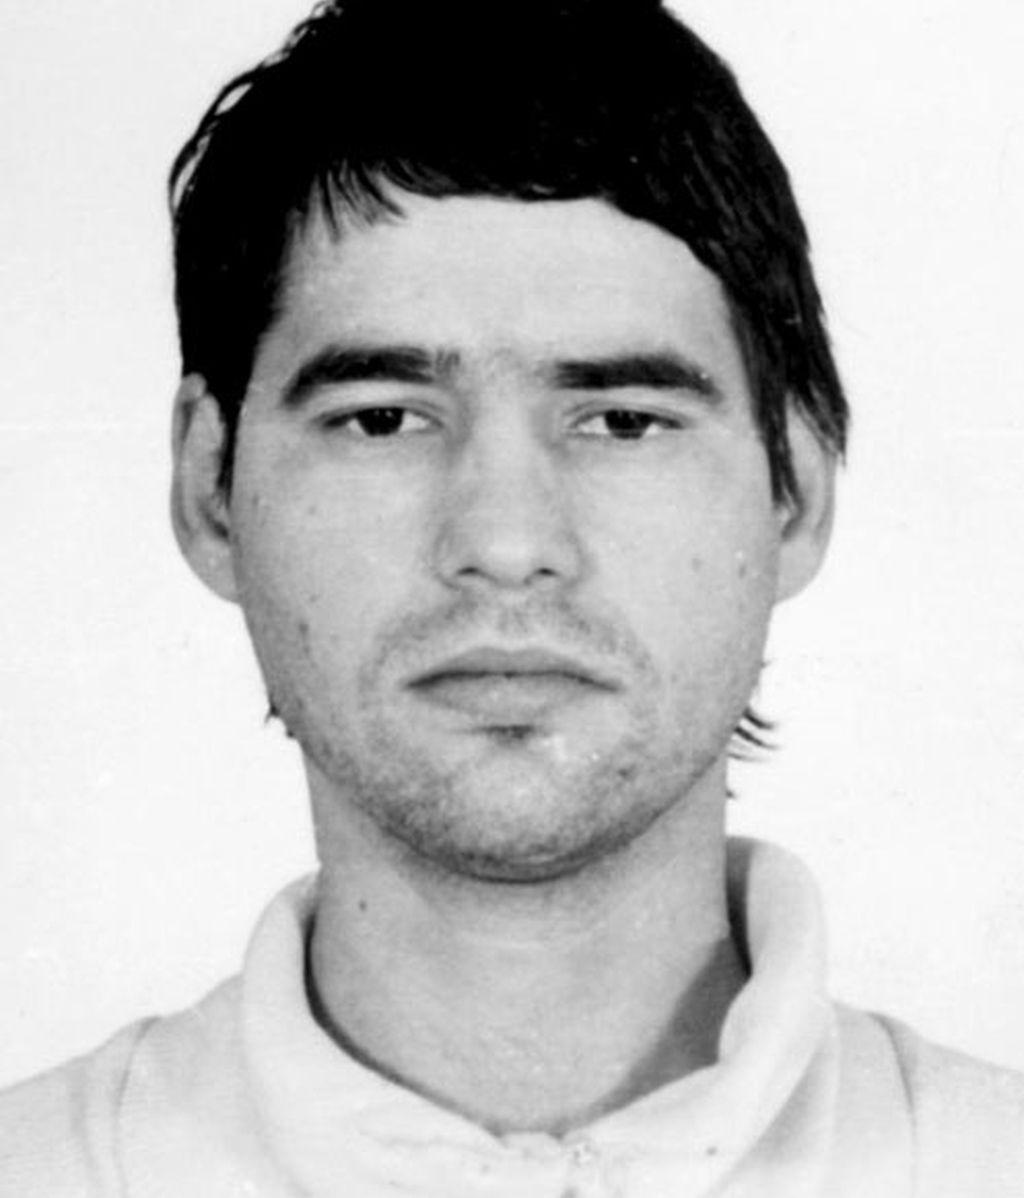 La Audiencia Nacional ordena la búsqueda y captura de Antonio Troitiño